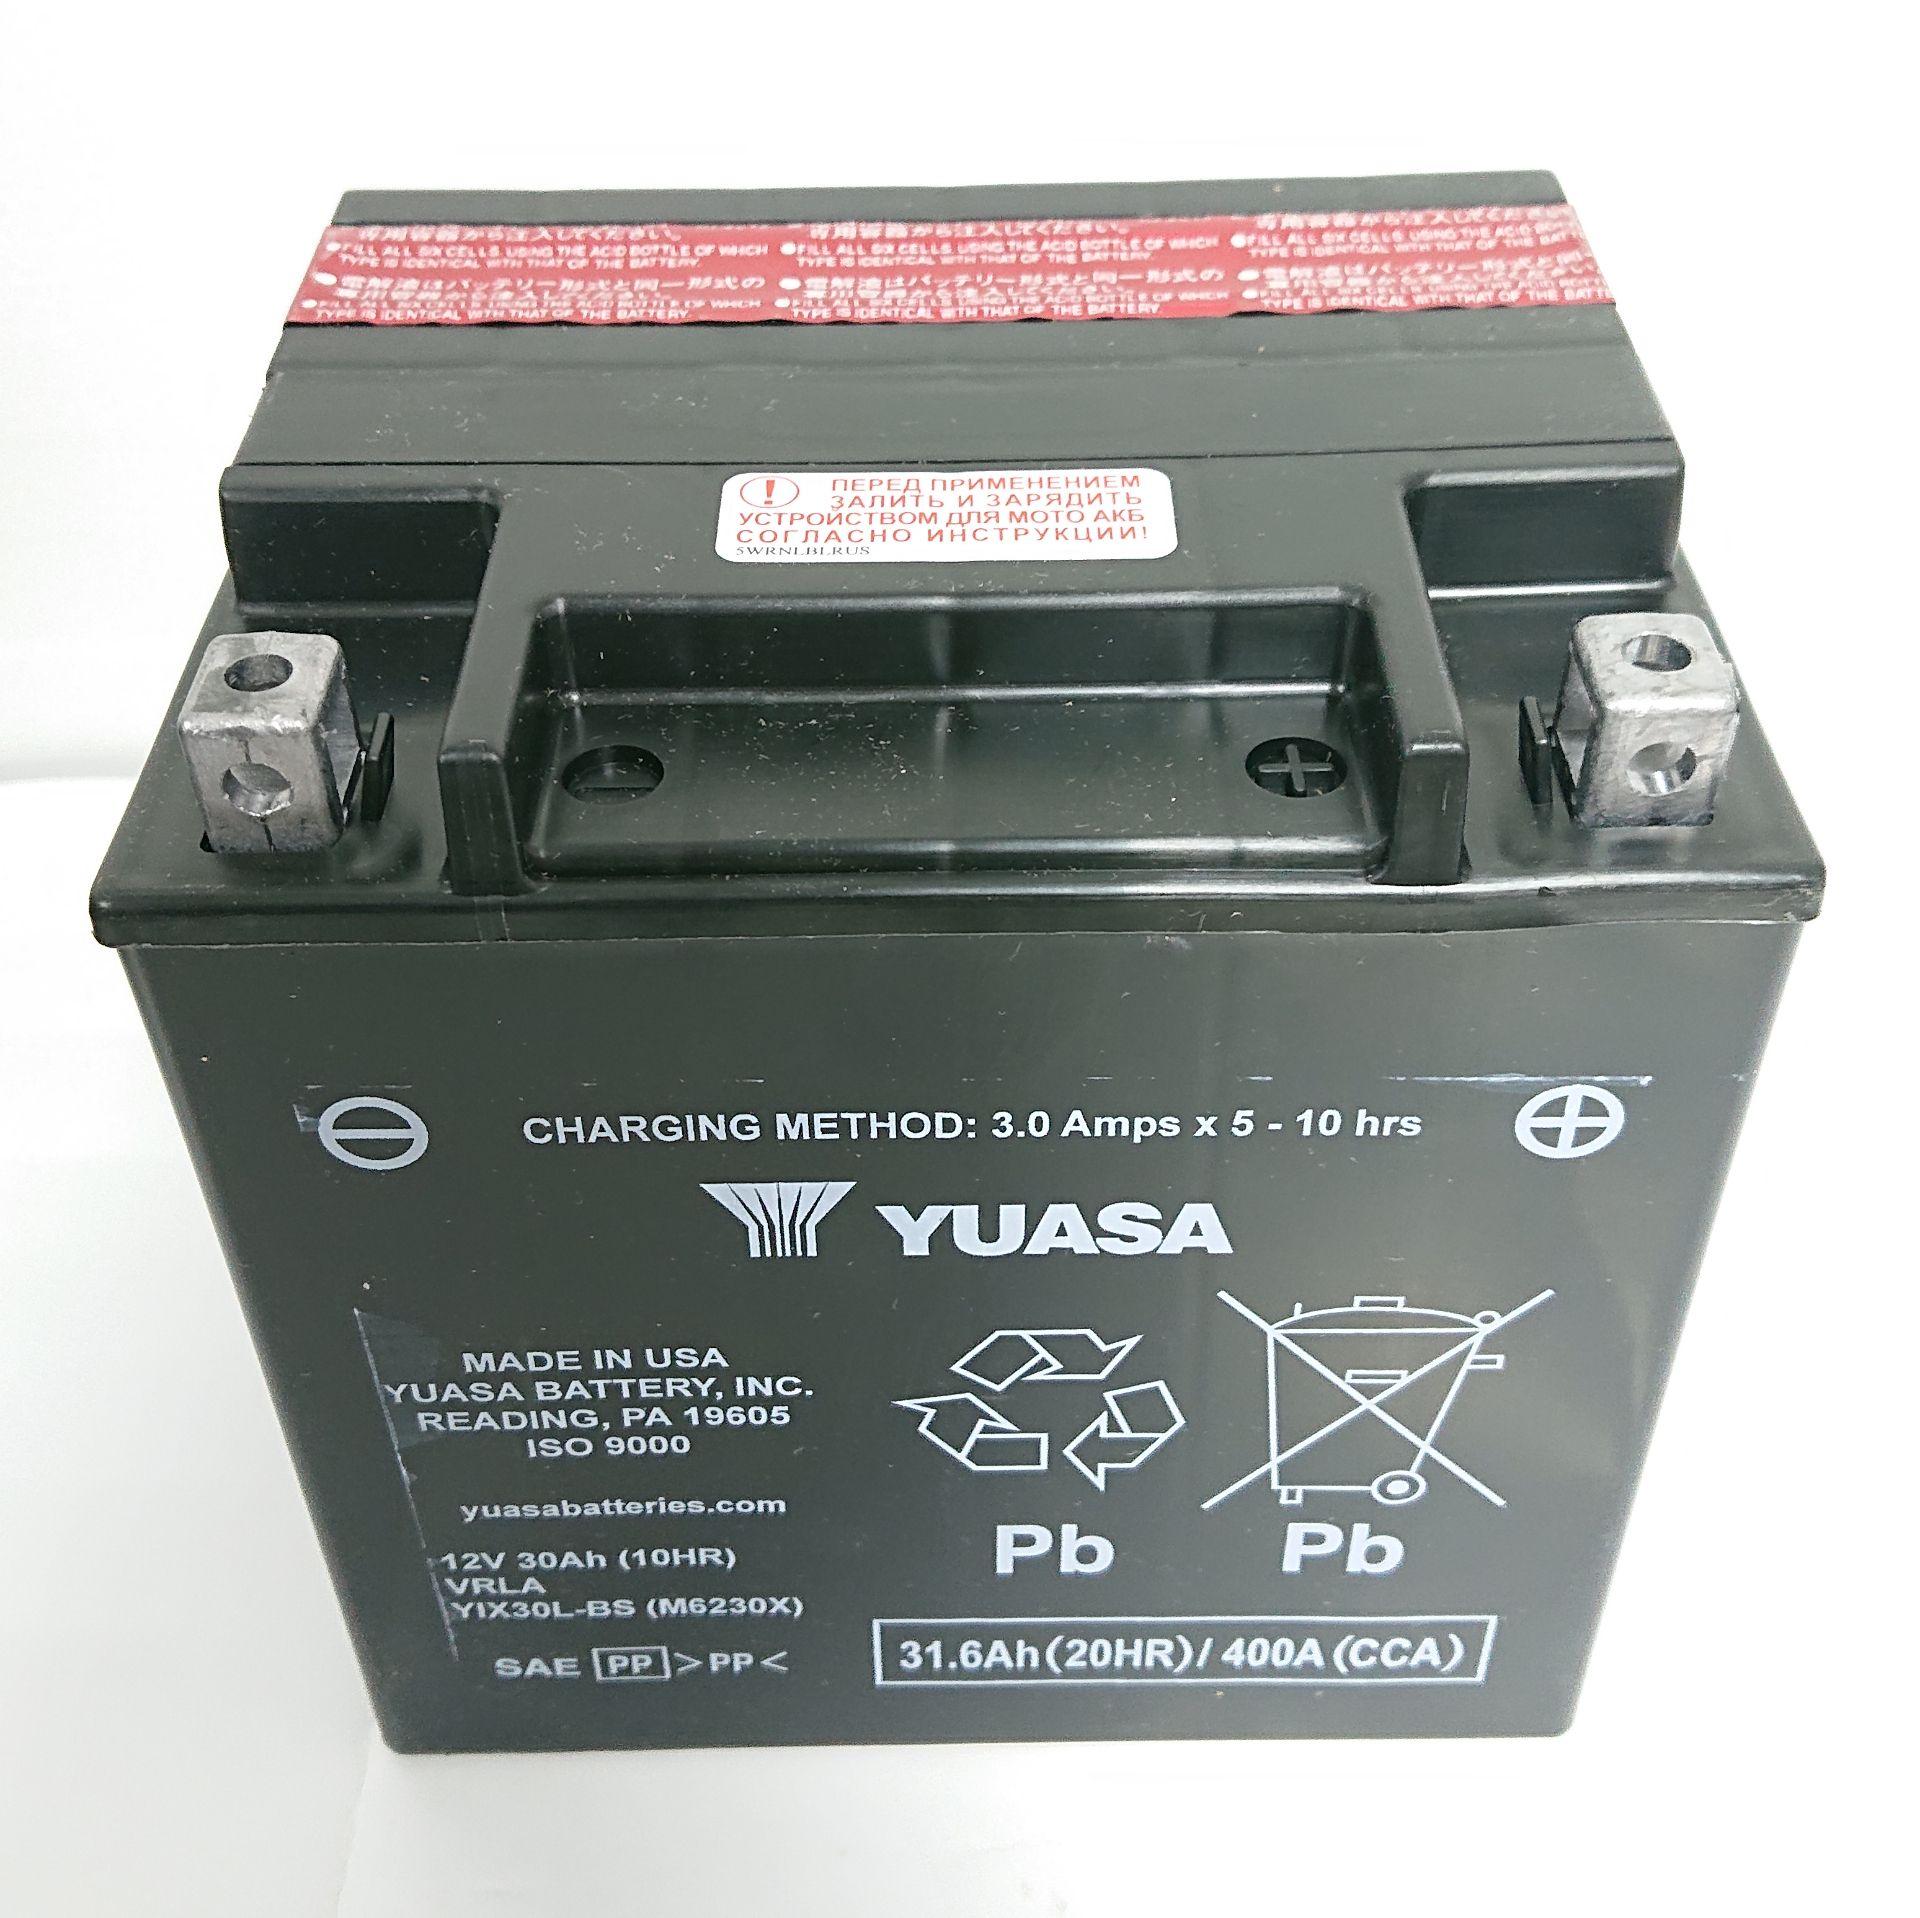 Мото аккумулятор Yuasa оригинал в Новосибирске